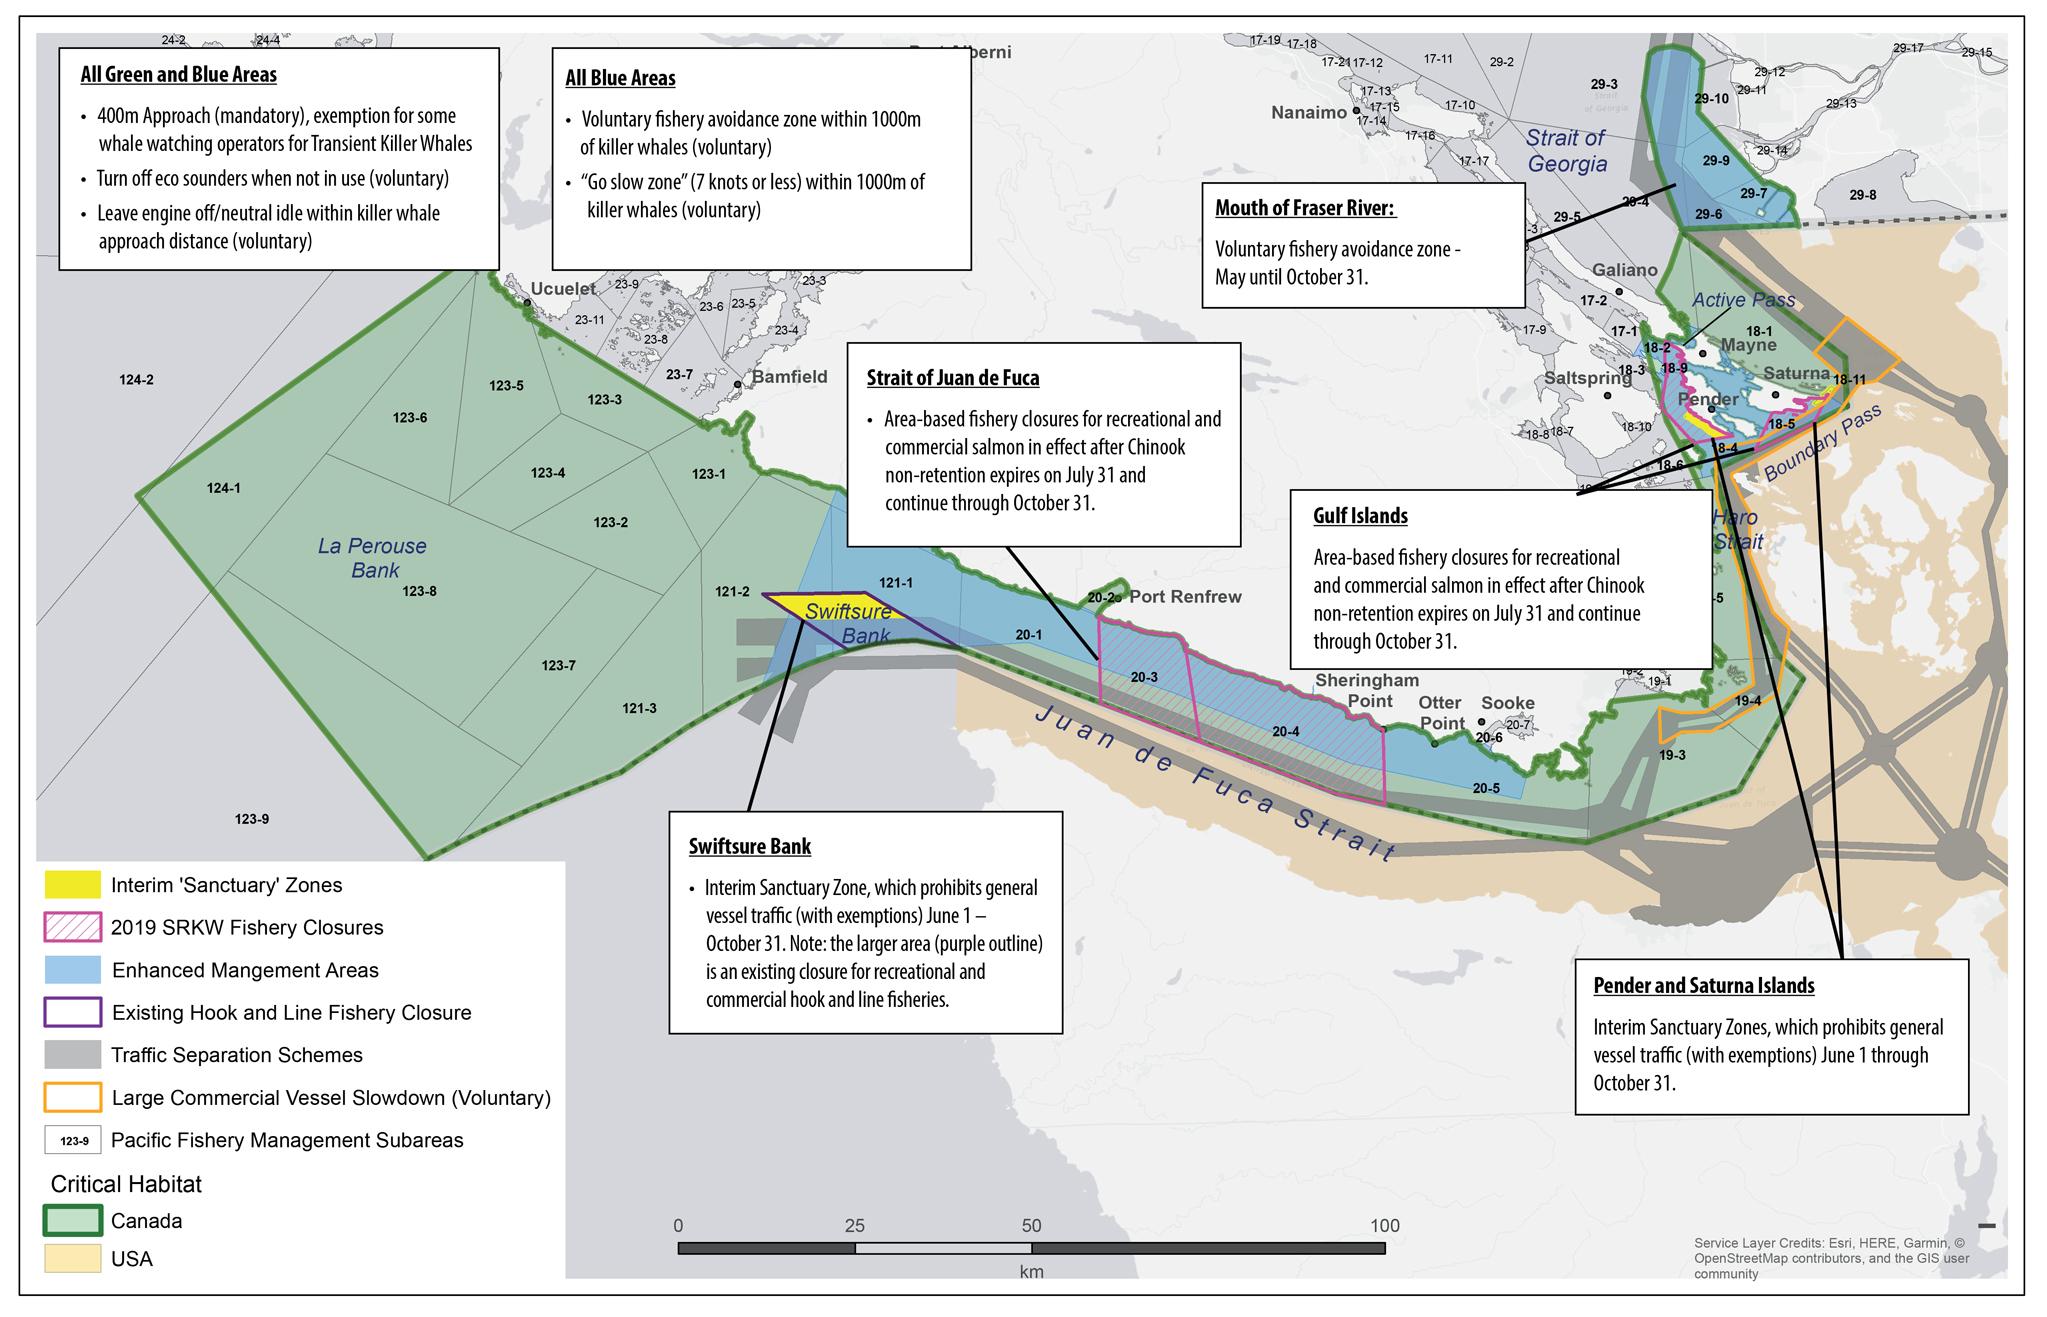 DFO whale sanctuary